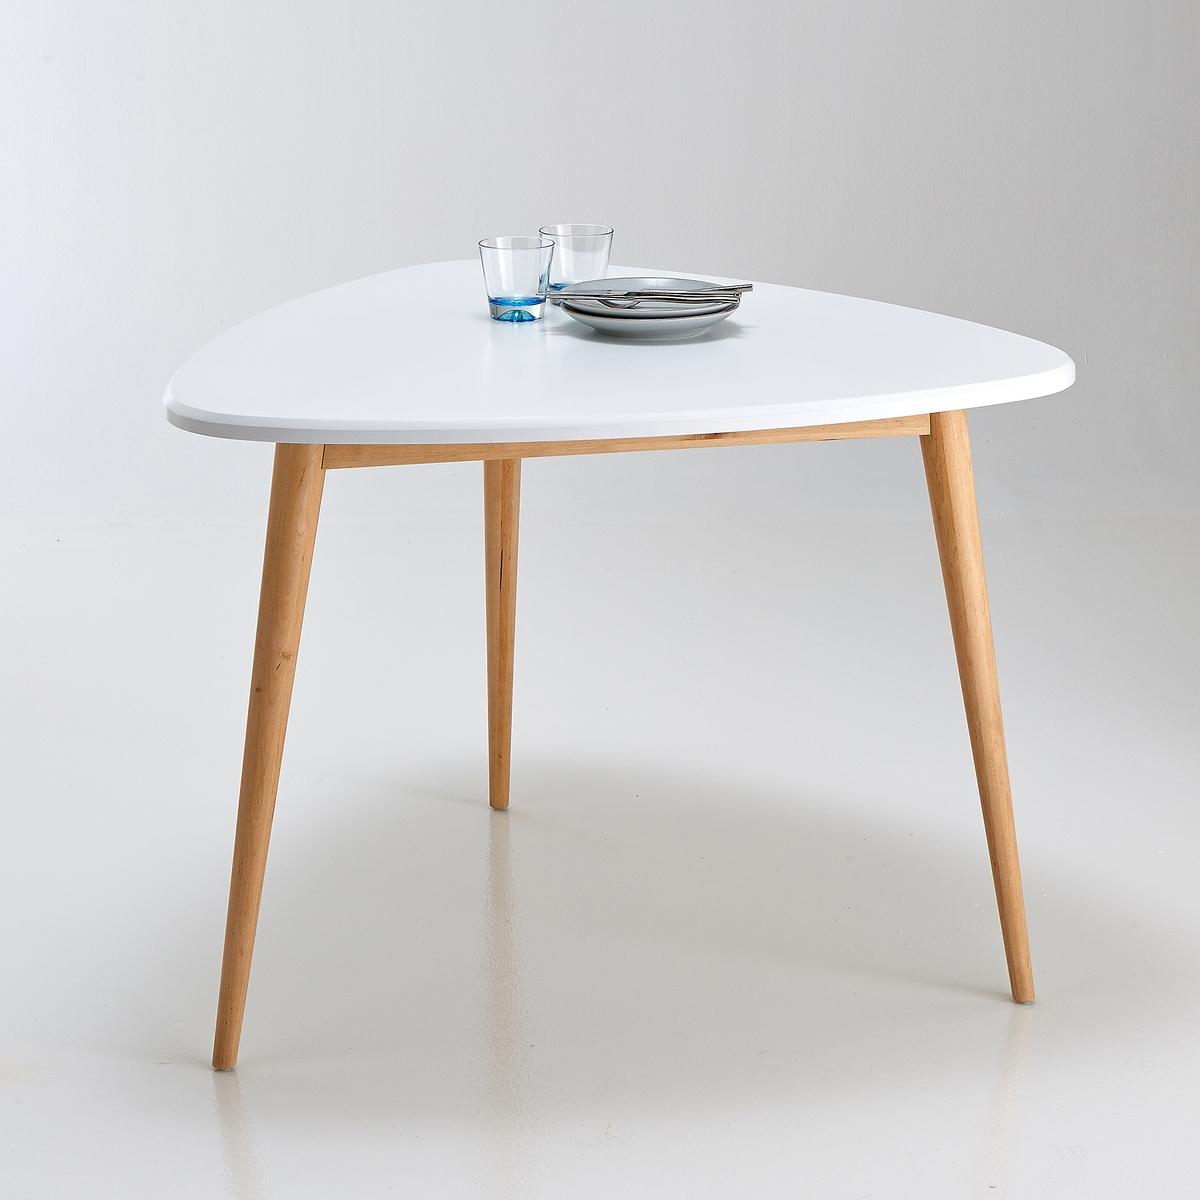 Стол обеденный на 3 персоны, JimiСтол обеденный на 3 персоны, Jimi. Выполненный в стиле нео-ретро, этот стол прекрасно впишется в декор Вашей кухни или столовой! Описание:- Овальная форма.- Рассчитан на 3 персоны. Характеристики:- Столешница из МДФ с покрытием белым и полиуретановым лаком.- 3 ножки из массива березы, лаковое покрытие.Другие предметы мебели из коллекции  Jimi на сайте laredoute.ru. Размеры:- Длина: 103,3 см.- Высота: 75 см.- Глубина: 100 см.Размеры и вес упаковки:1 упаковкаДл. 111 x Выс. 12,5 x Гл, 109 см, 21,9 кг. Доставка:Данная модель стола требует самостоятельной сборки. Доставка на дом с возможностью подъёма на этаж!Внимание! Убедитесь, что товар возможно доставить на дом, учитывая его габариты (проходит в двери, по лестницам, в лифты).<br><br>Цвет: белый